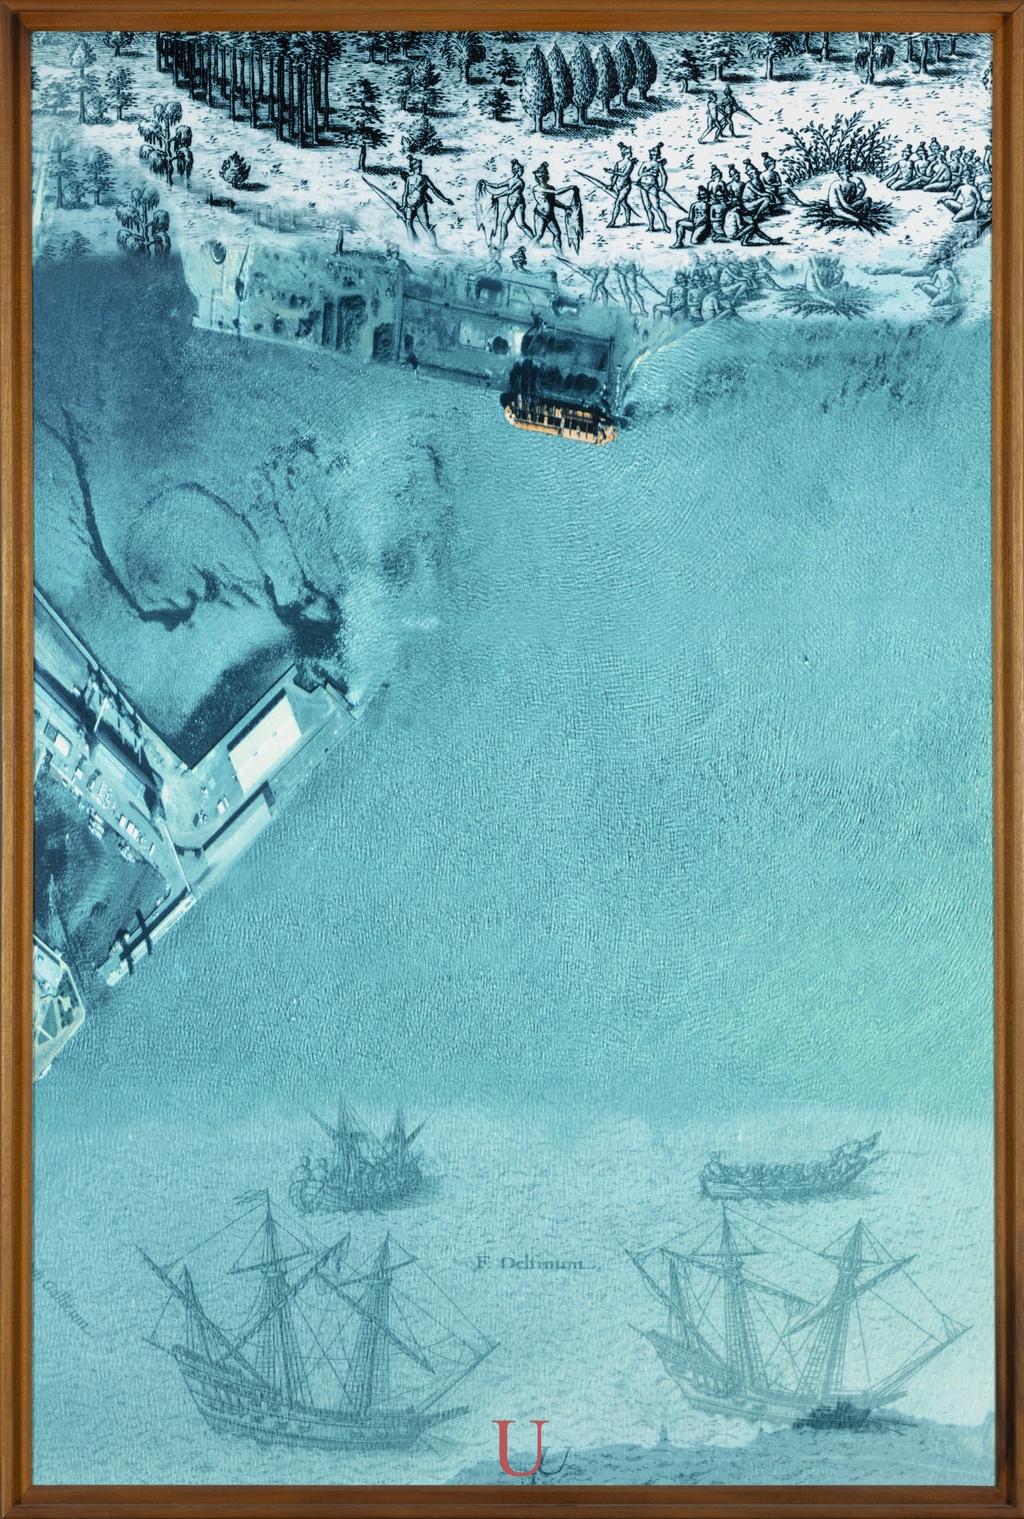 La Baie du négoce